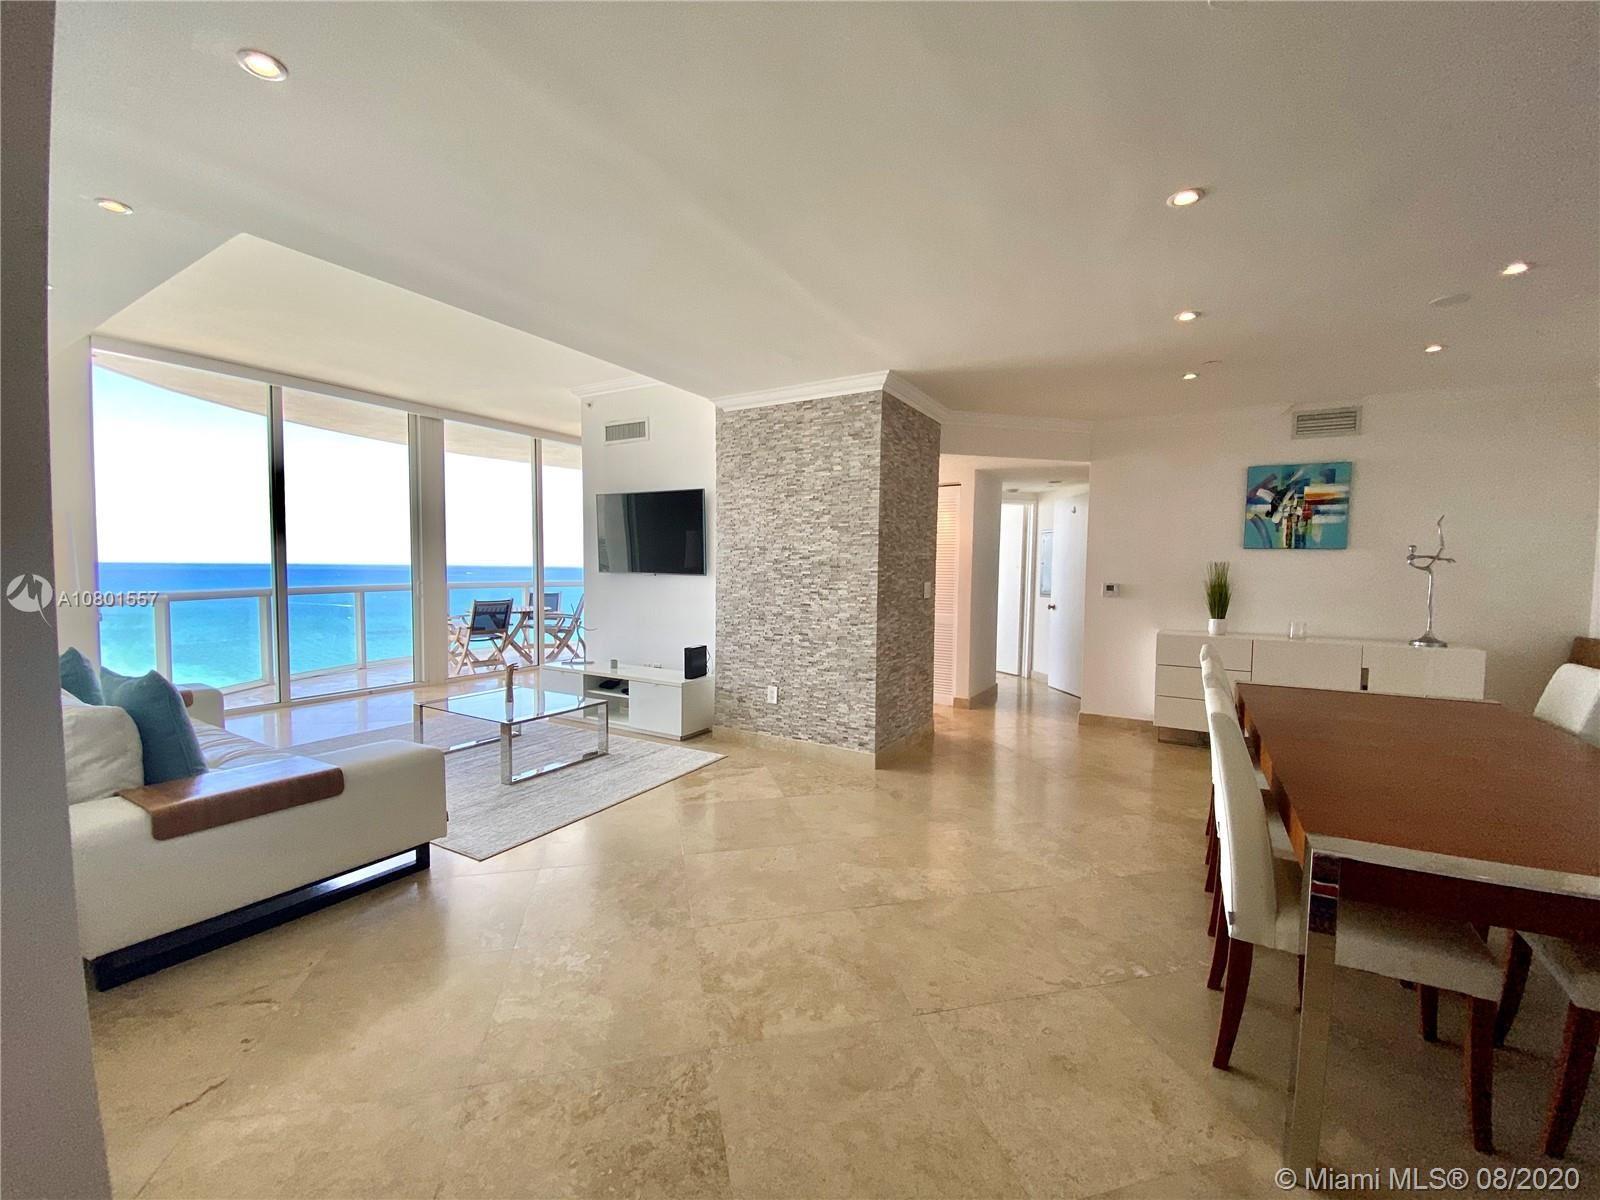 6365 Collins Ave #4509, Miami Beach, FL 33141 - #: A10801557